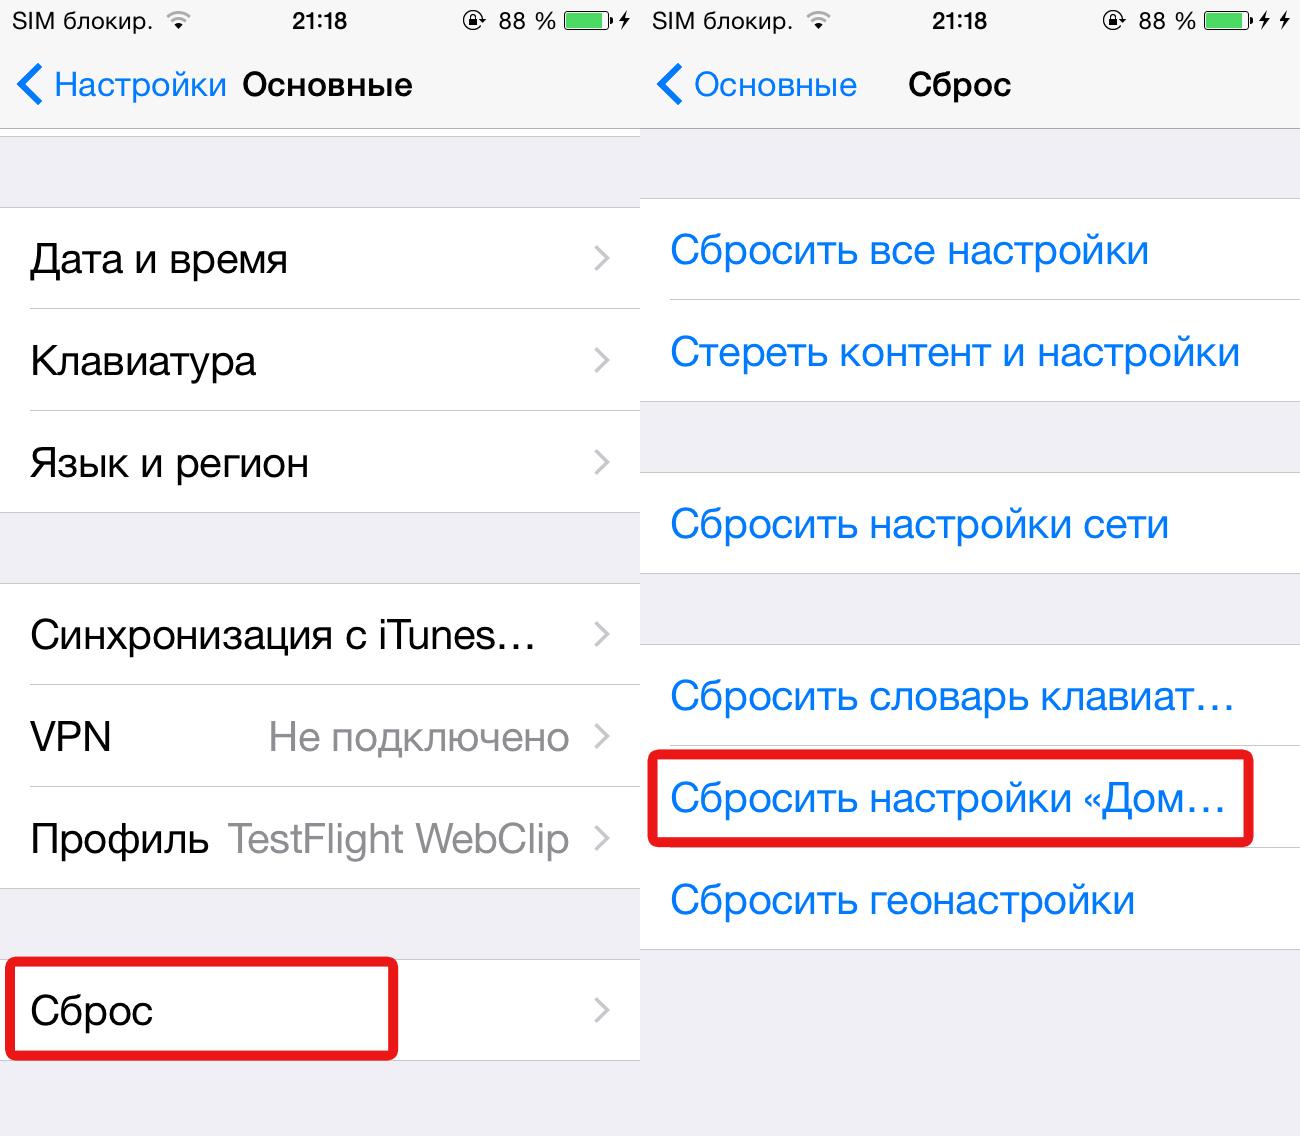 Как сделать сброс настроек на айфоне если телефон заблокирован